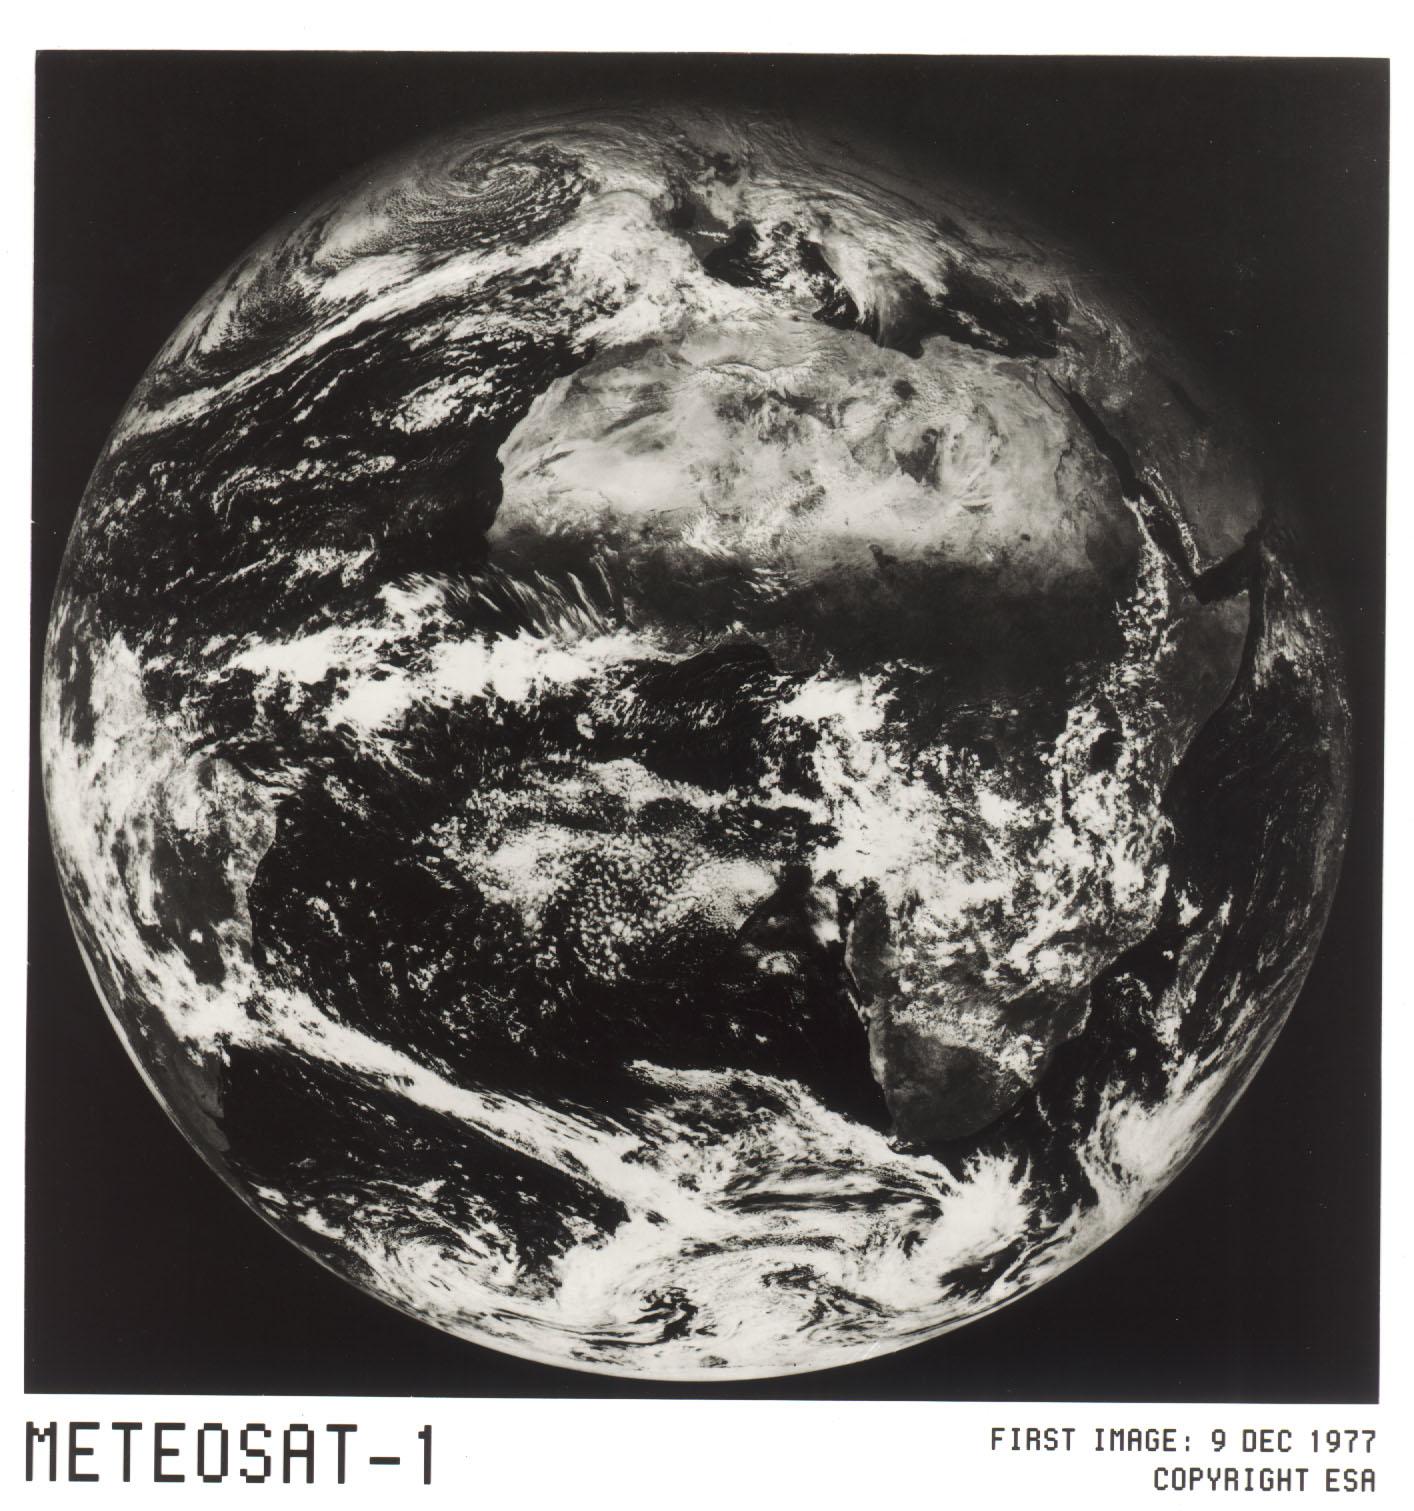 Satellite Meteosat - Meteosat-1 - Première image - First image - ESA - 9 décembre 1977 - Eumetsat